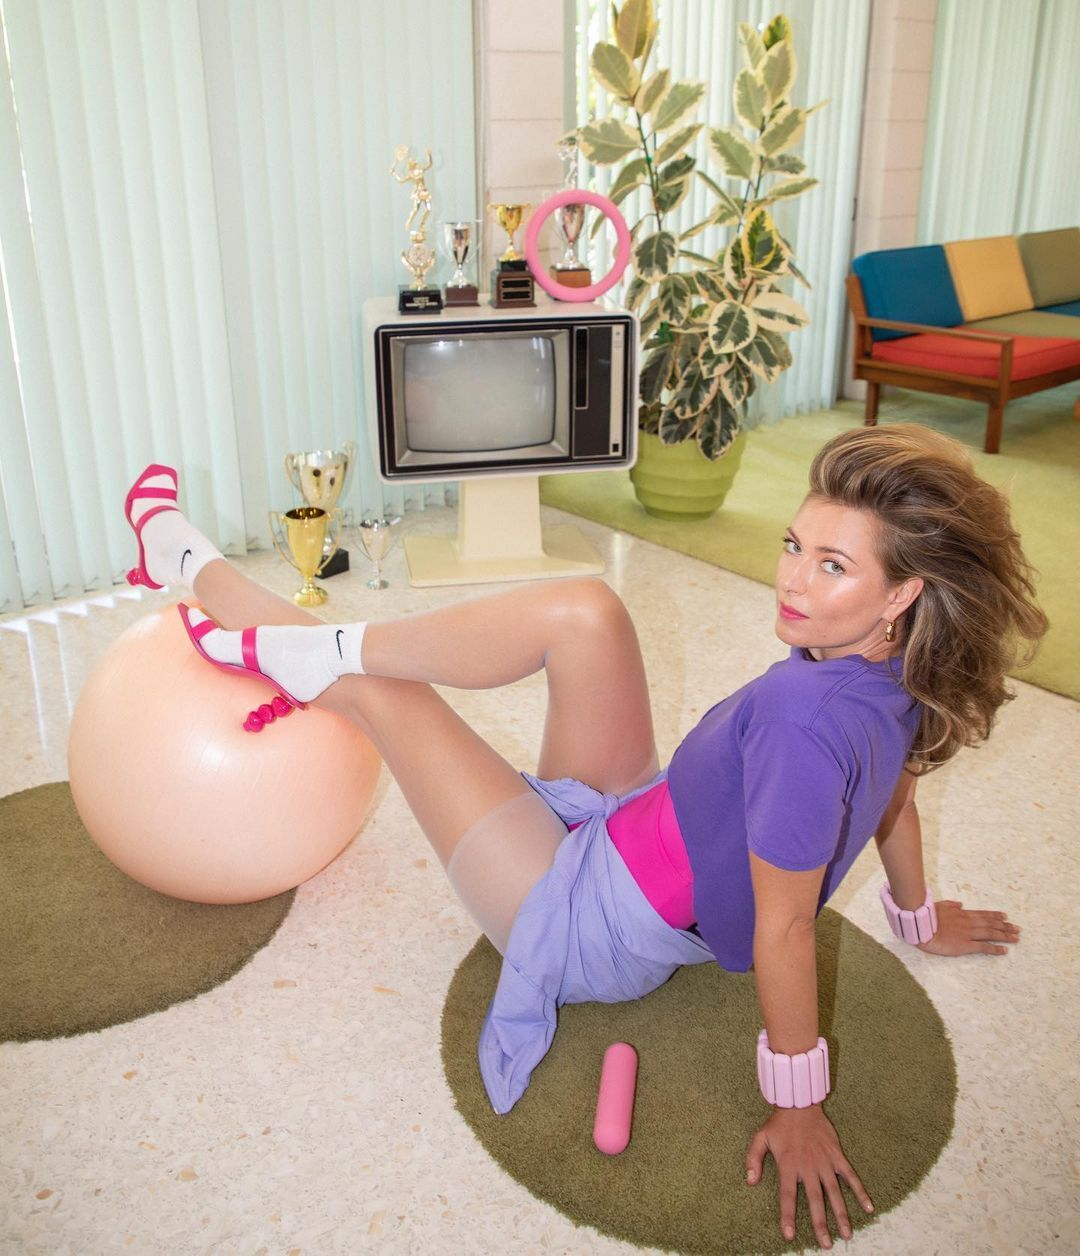 Марія Шарапова перед старим телевізором